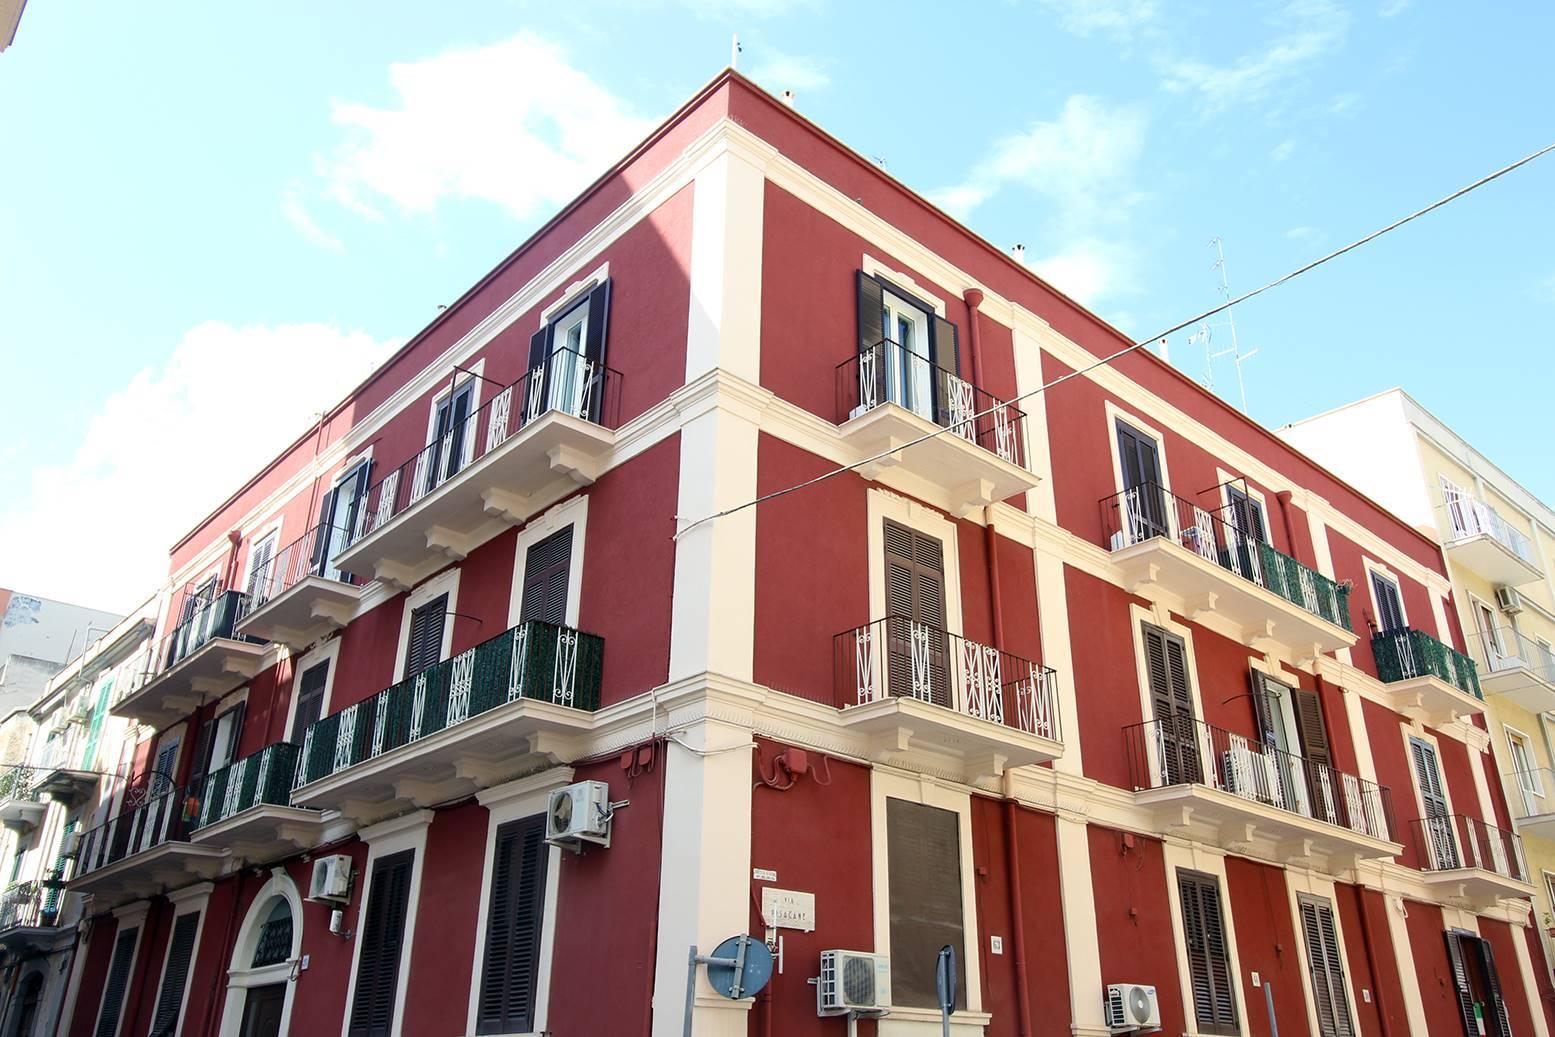 Bari - s. Pasquale - Via Castromediano - Bivani Ristrutturato - In buon contesto abitativo, proponiamo in vendita bivani con doppia esposizione di Mq 55 completamente e finemente ristrutturato. La